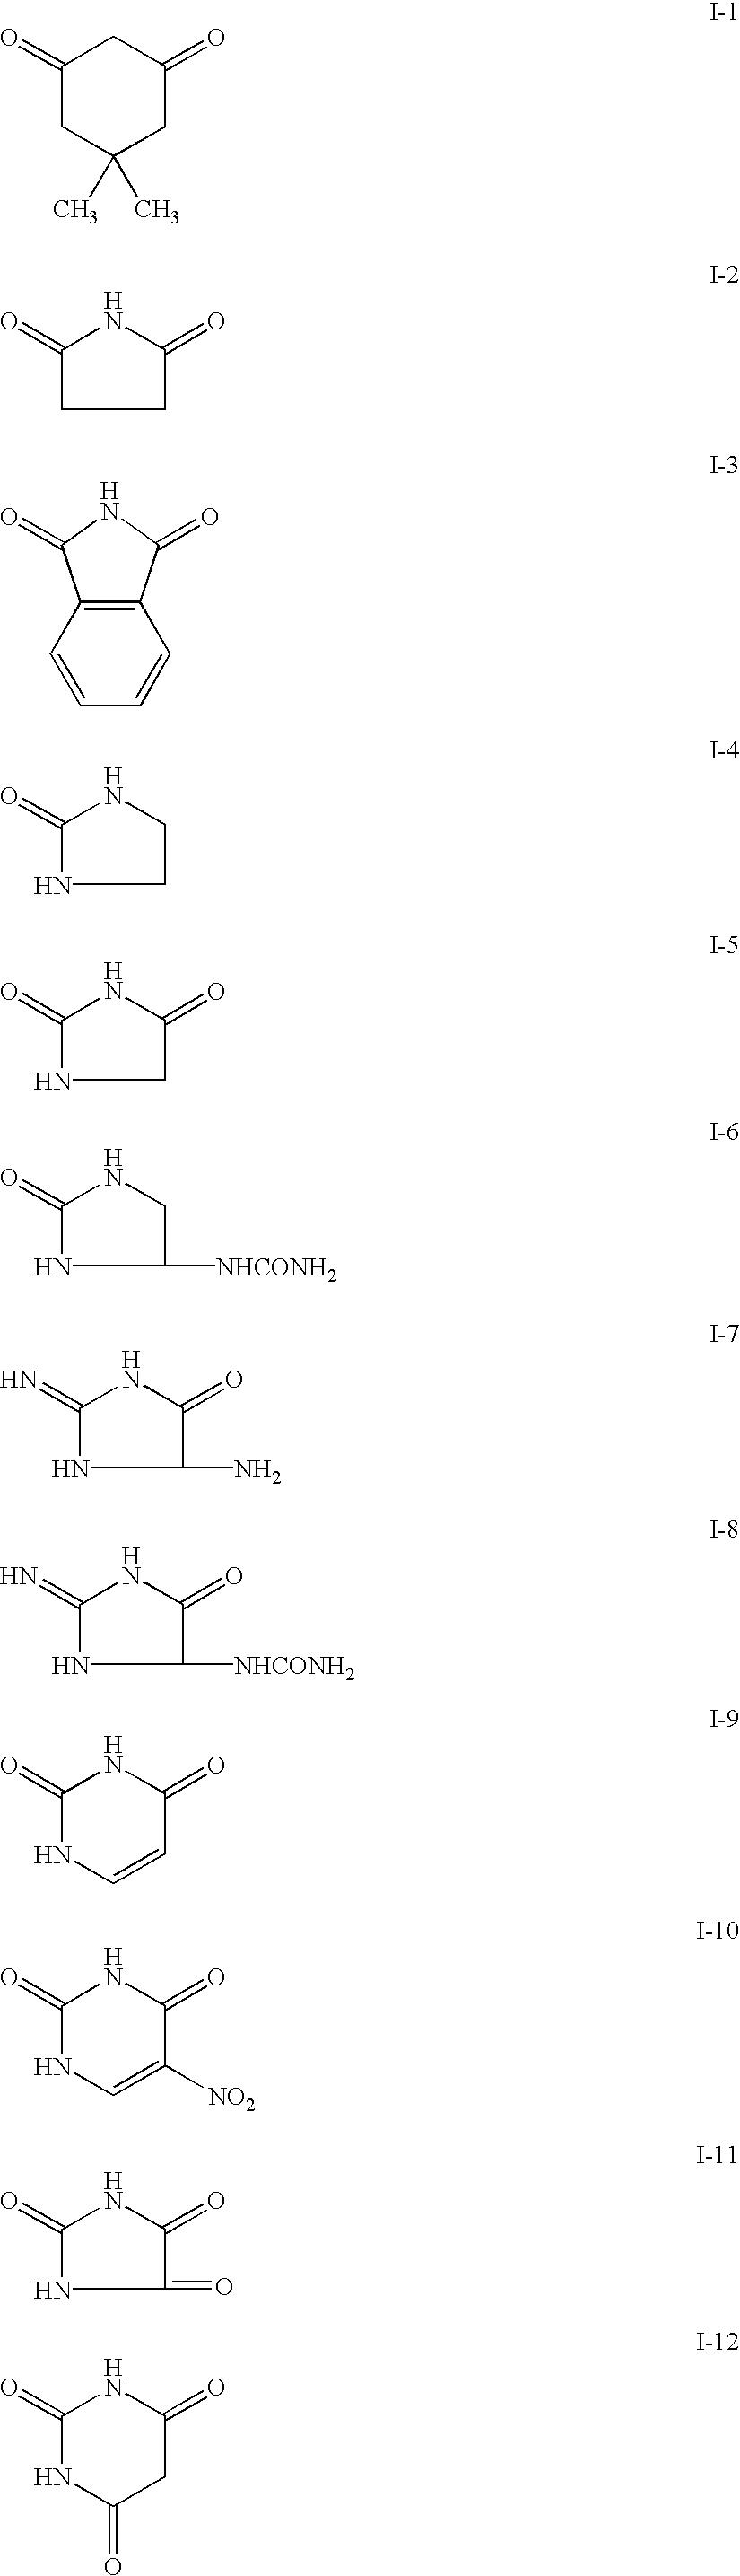 Figure US06495225-20021217-C00005